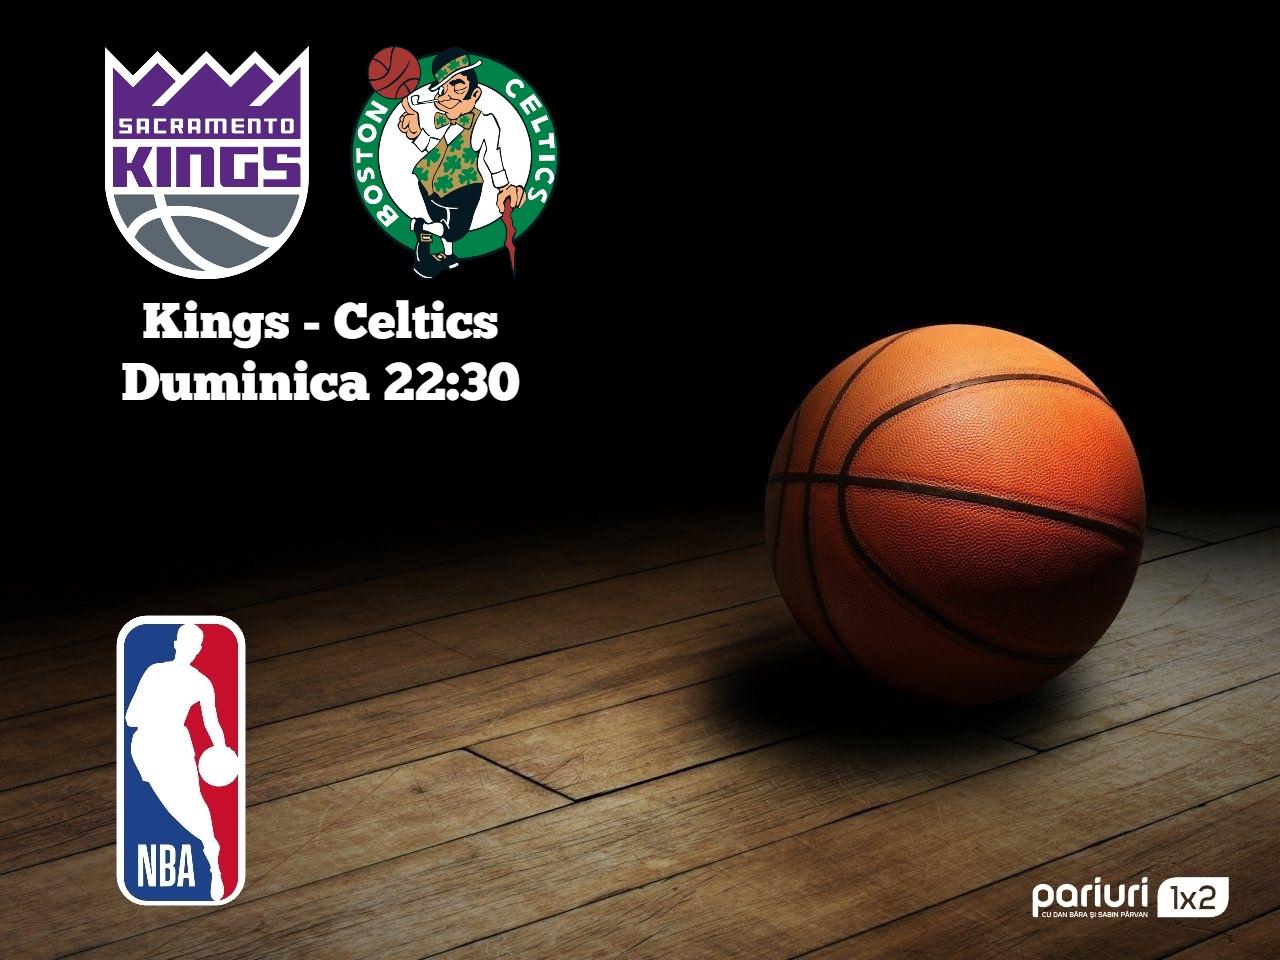 Kings – Celtics: Oaspetii au 10 victorii la rand in NBA!